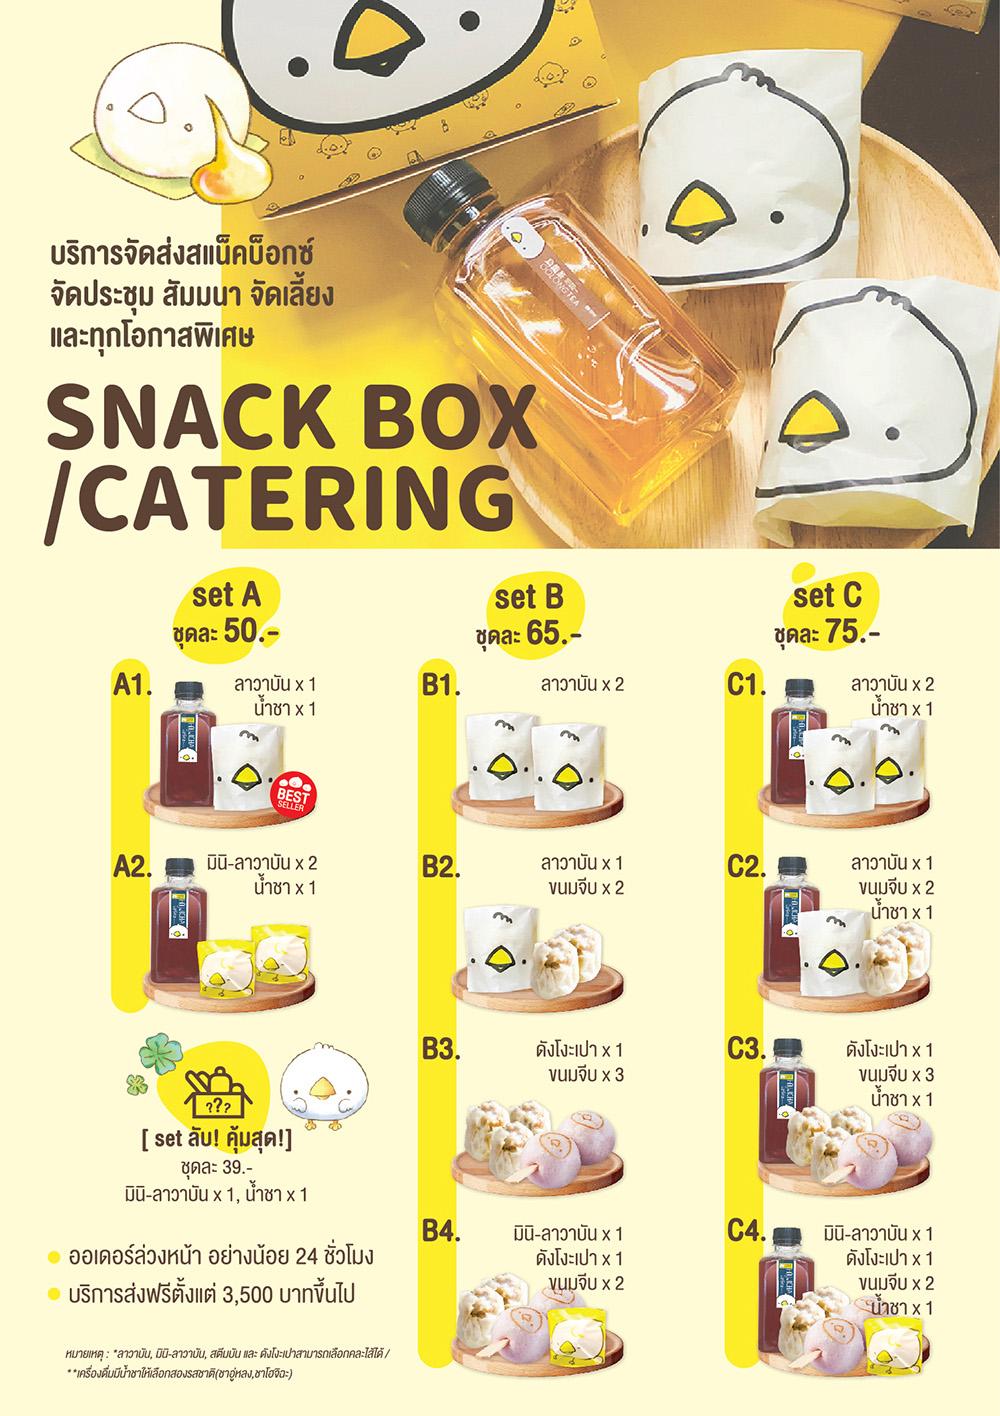 ขนมเบรคระยอง, snack box ระยอง, snack box พัทยา, ชุดเบรค พัทยา, ชุดเบรค ระยอง